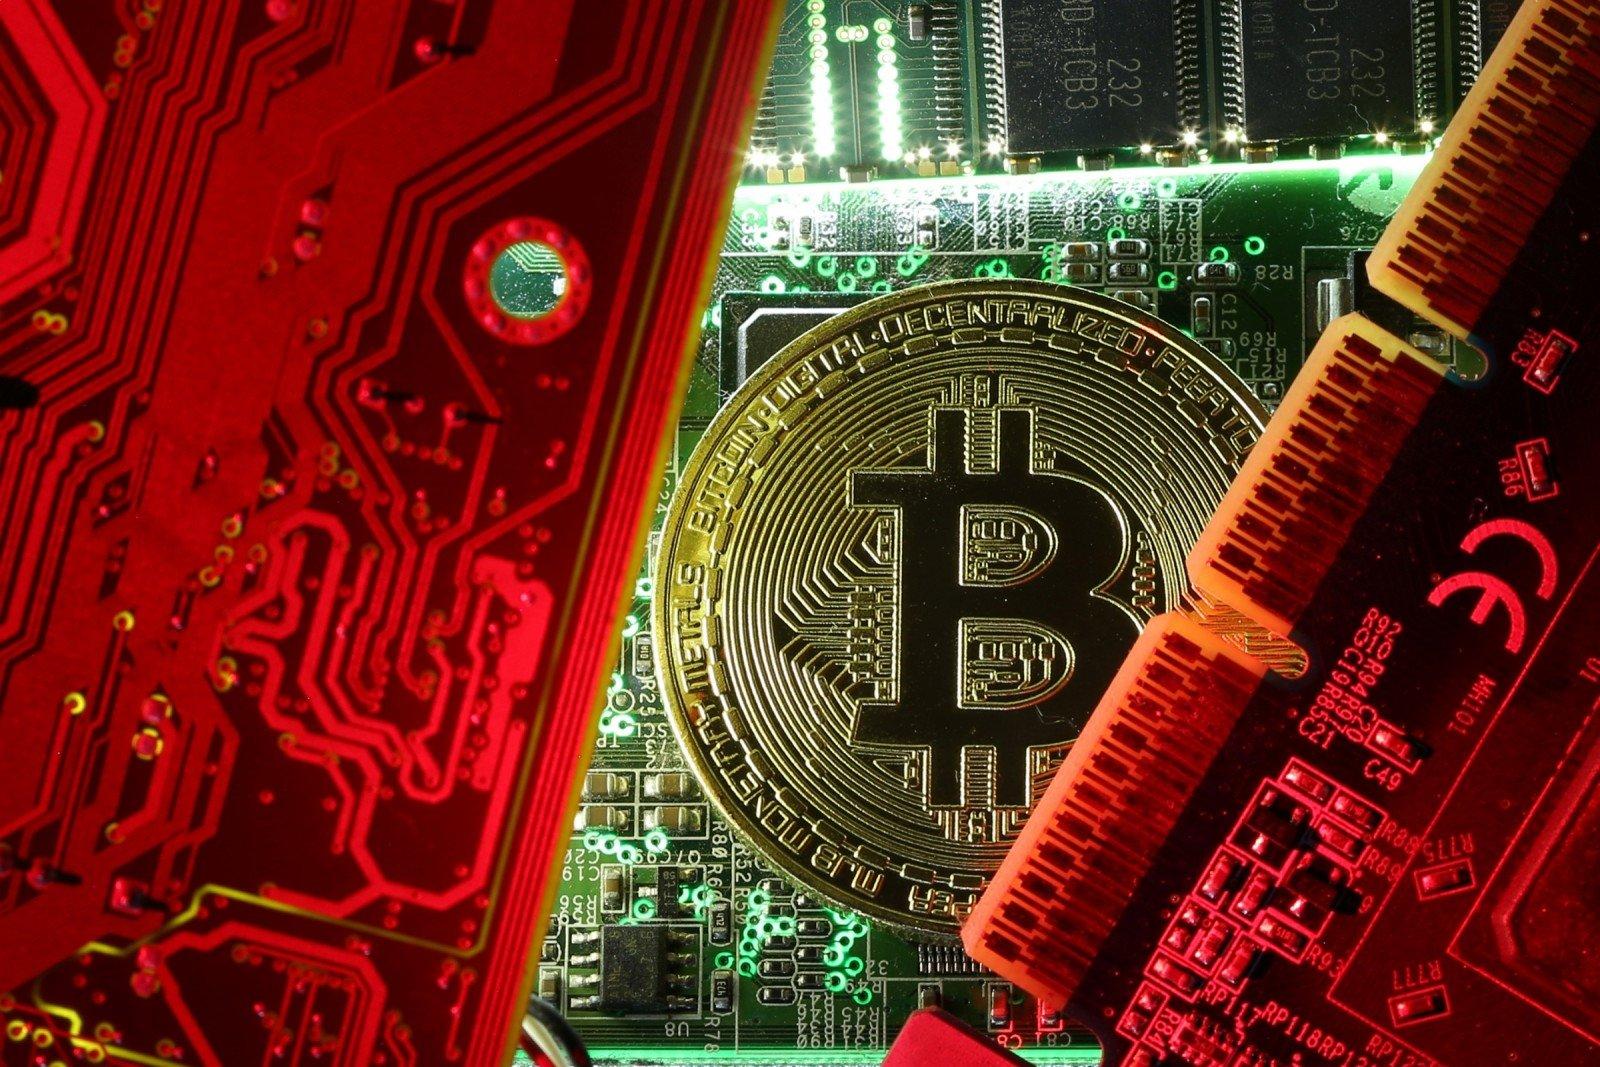 bitkoinų apyvarta)